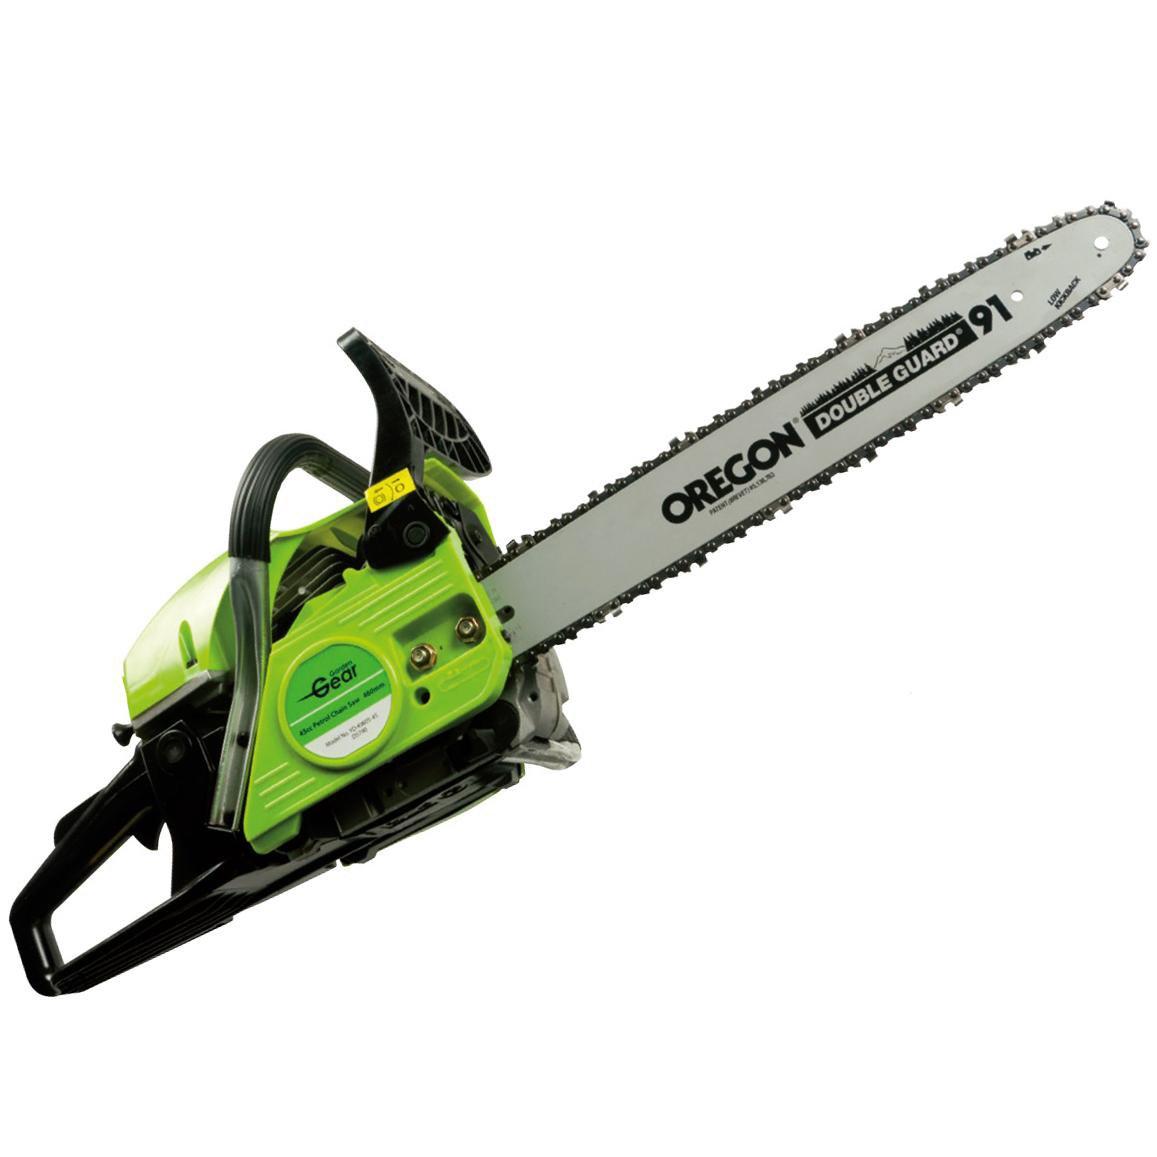 Garden Gear 45cc Petrol Chainsaw 163 79 99 Oypla